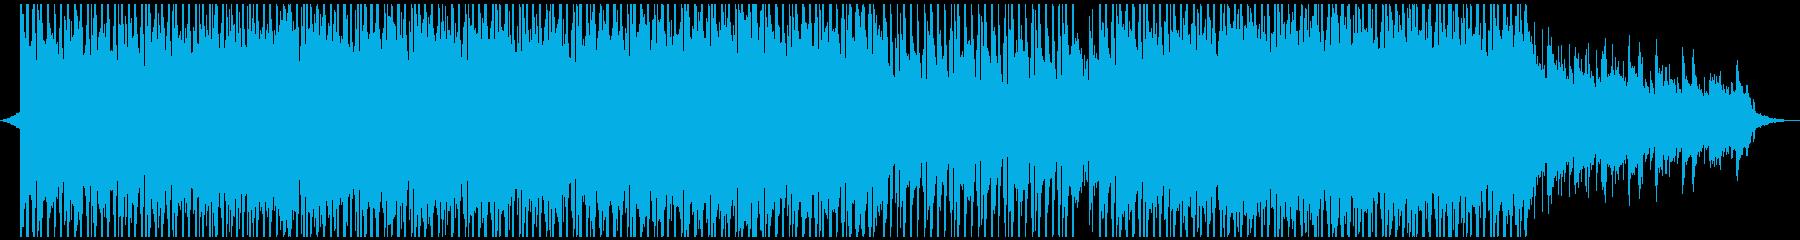 アンビエント 実験的な モダン 実...の再生済みの波形